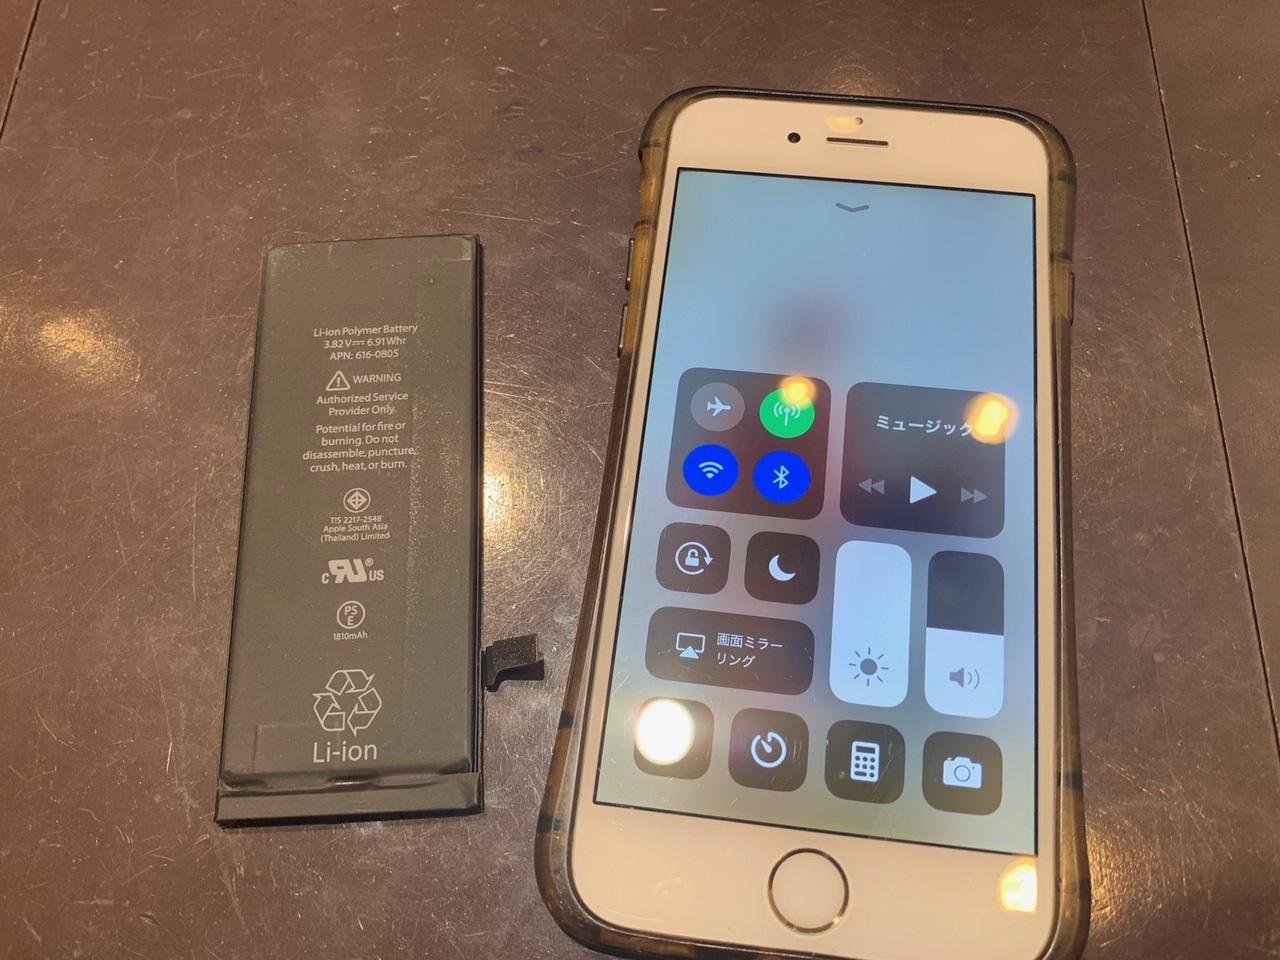 データやアプリなどすべてそのまま電池交換!iPhone6sバッテリー交換修理♫[尼崎市よりお越しのお客様]駅近・割引アリのアイフォーン修理専門店スマークール!